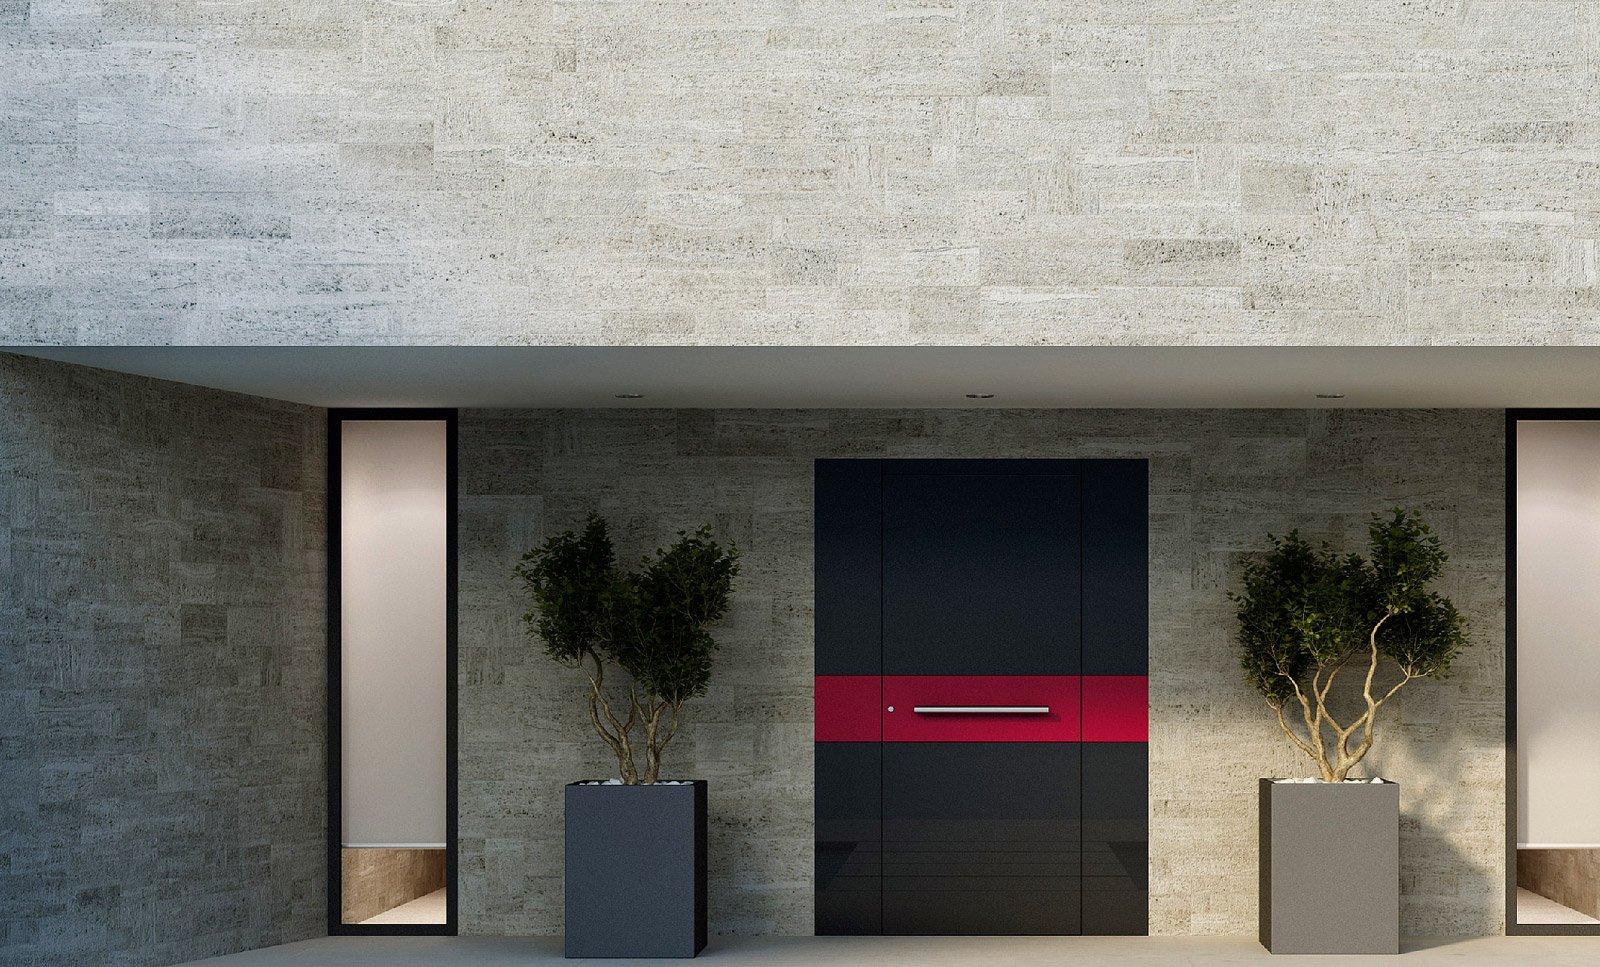 Ingressi protetti all 39 interno e all 39 esterno cose di casa for Ingressi di design